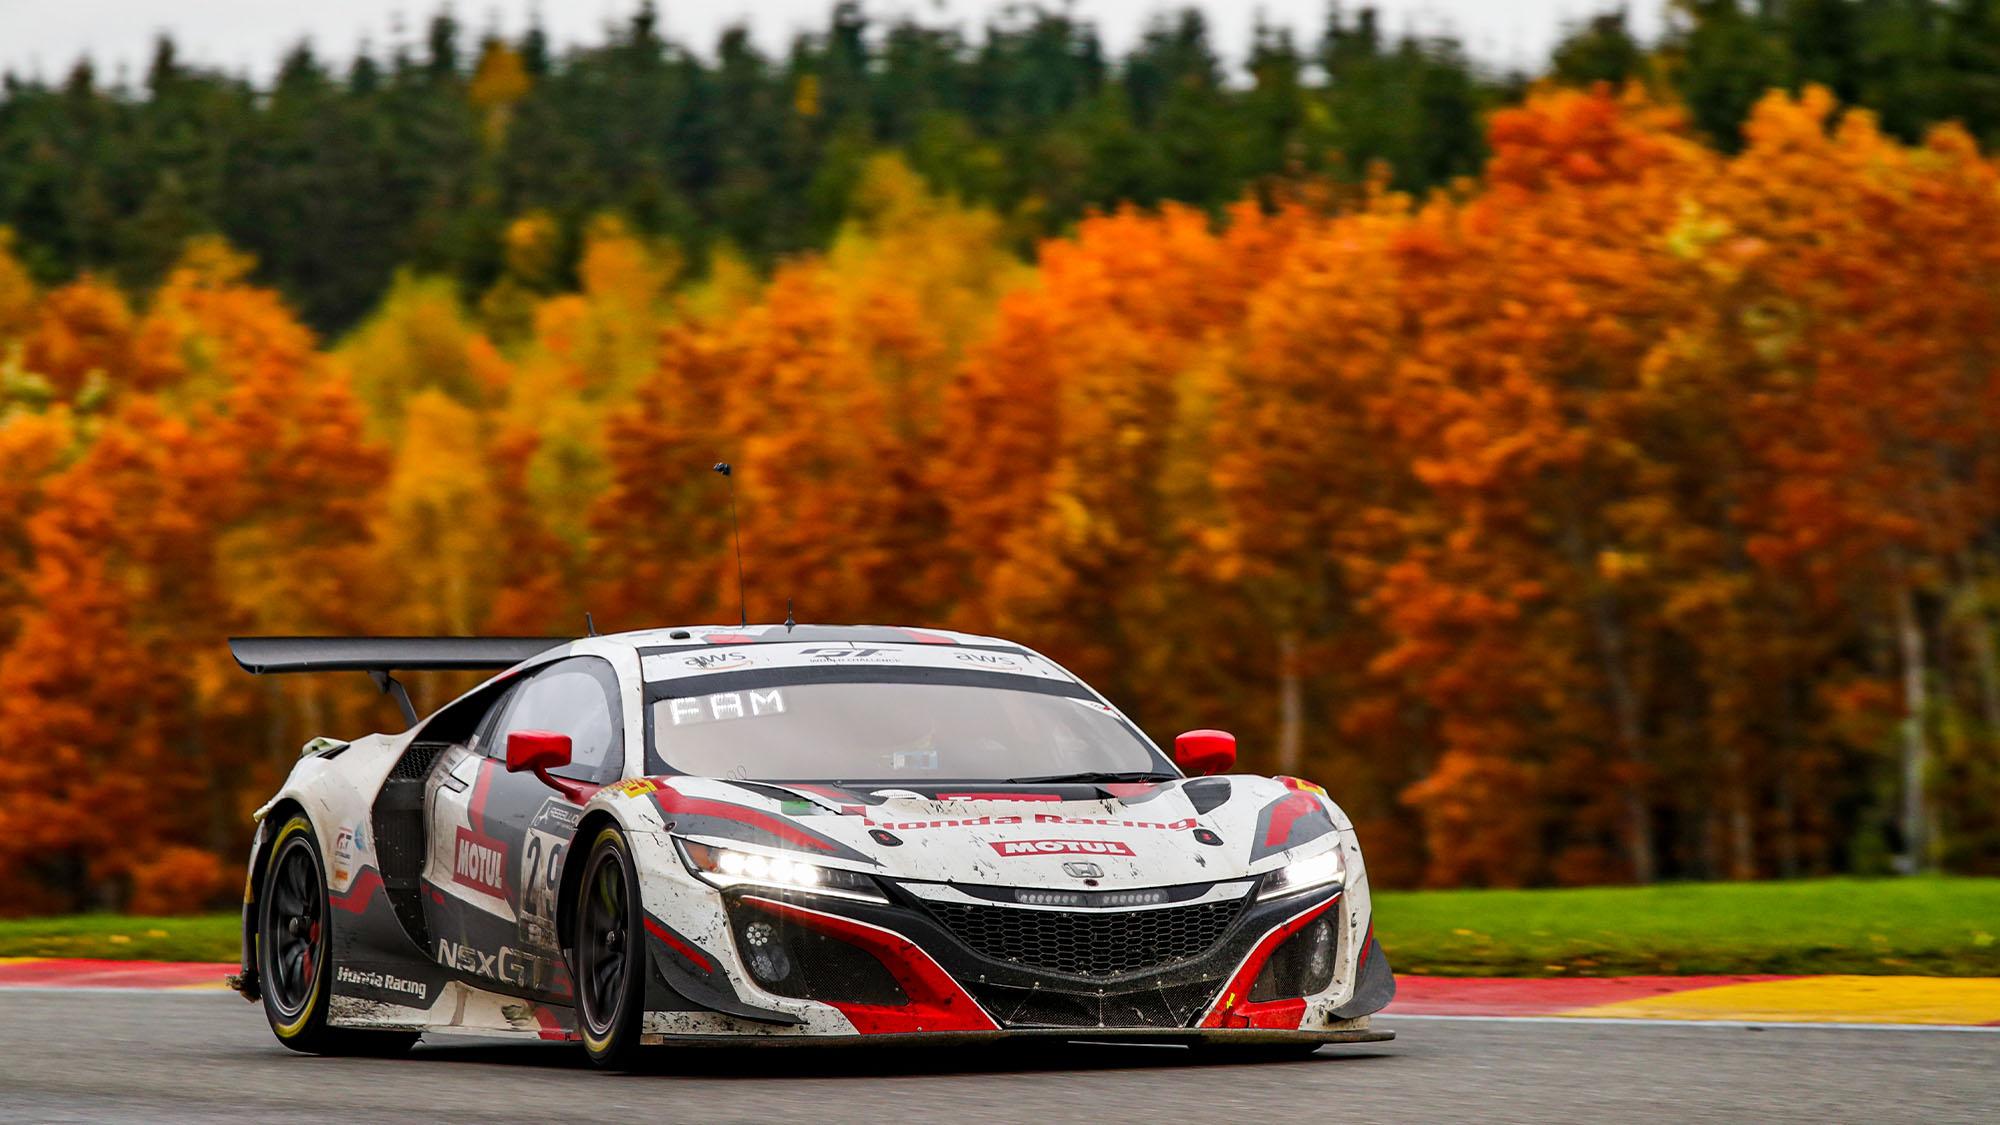 Honda Nurburgring 24 Hours